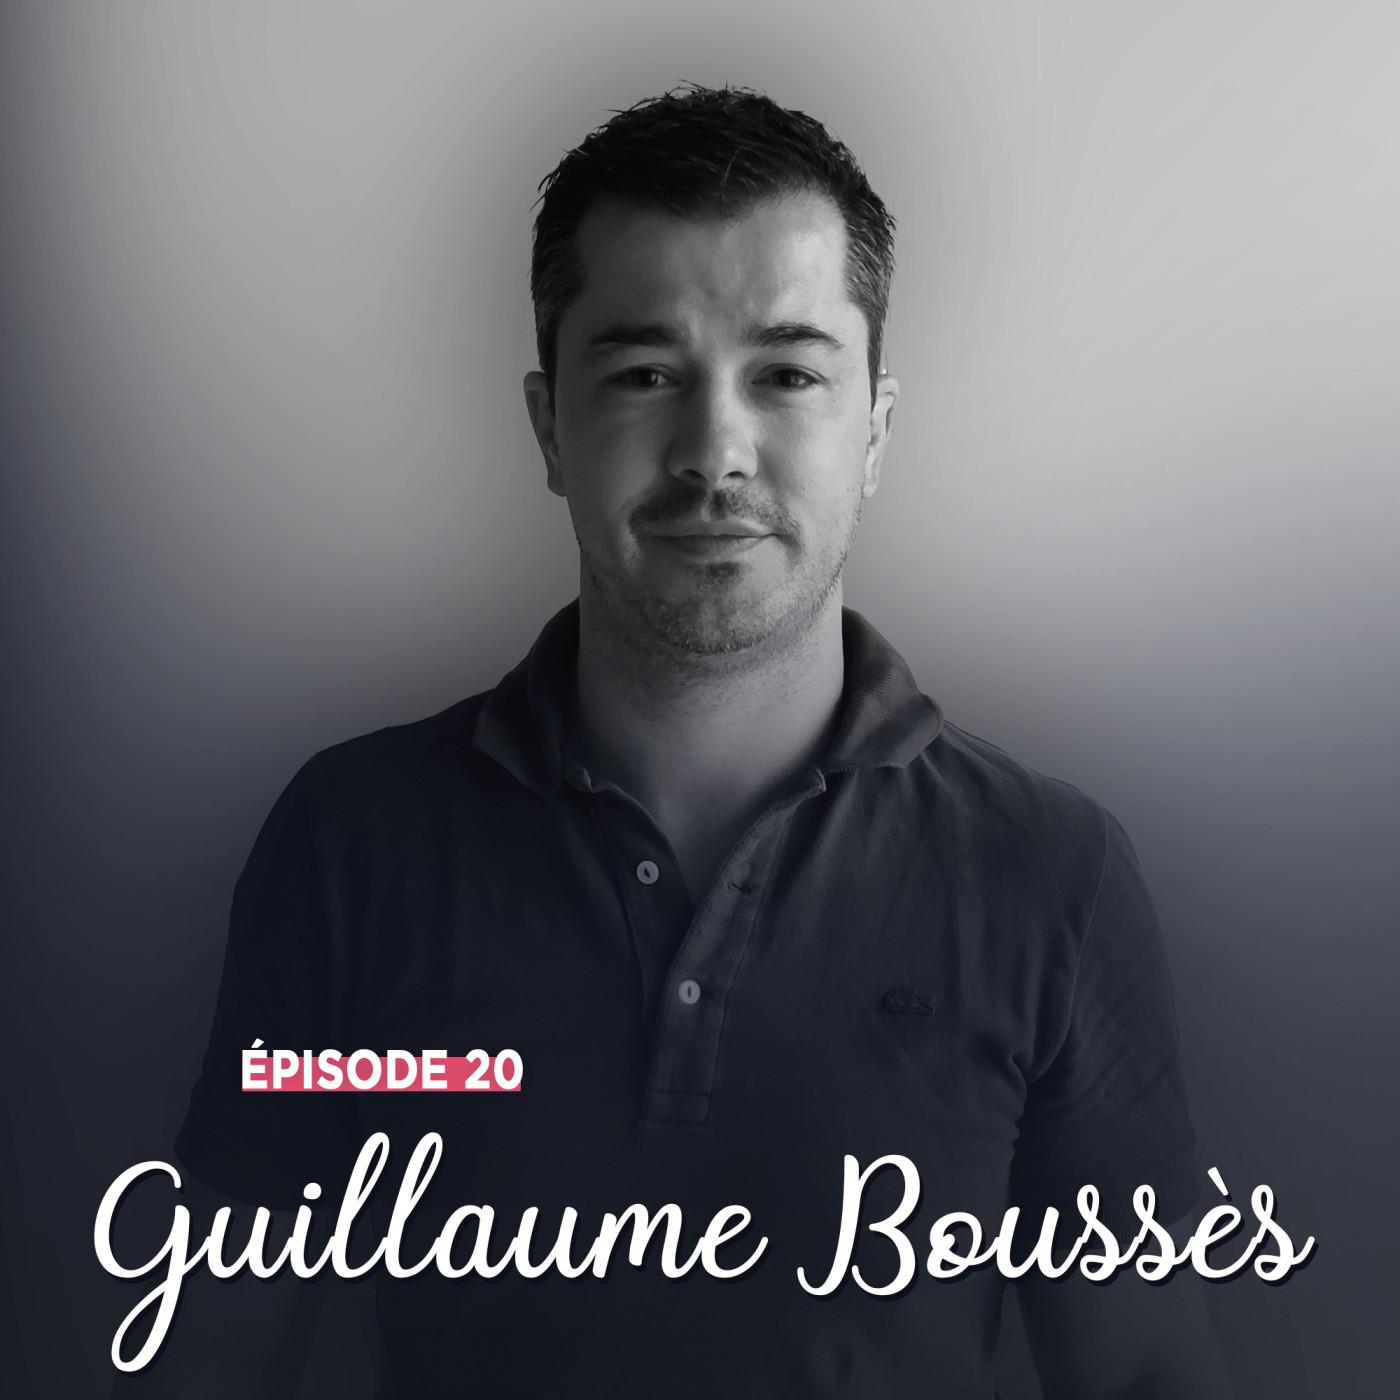 #20 - Guillaume Boussès, des hauts et débats - Ne jamais se retourner